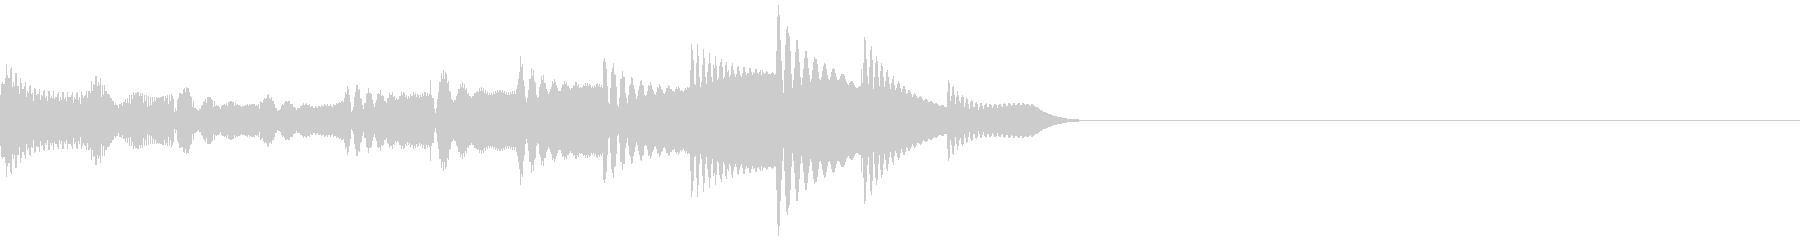 上昇音・キラーン・シャララン・エレピの未再生の波形